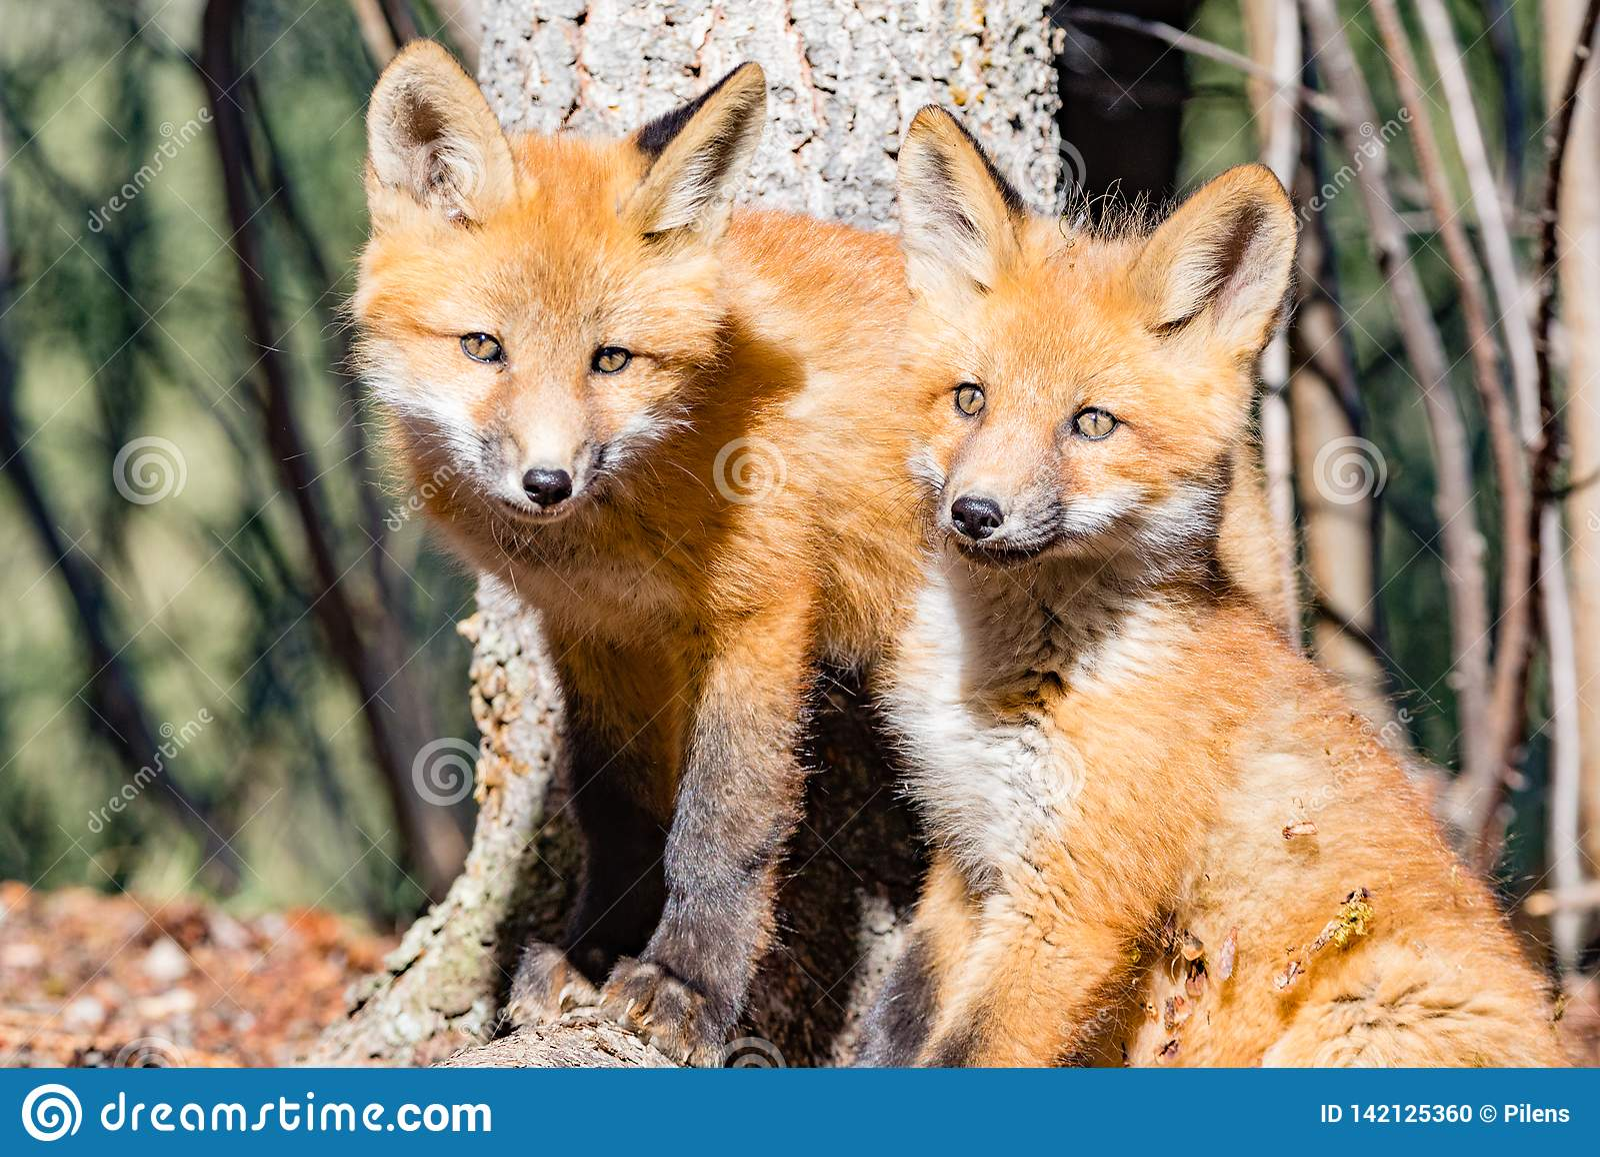 Νέα κόκκινα κουτάβια αλεπούδων που παίρνουν το σπάνιο σπάσιμο από το παιχνίδι